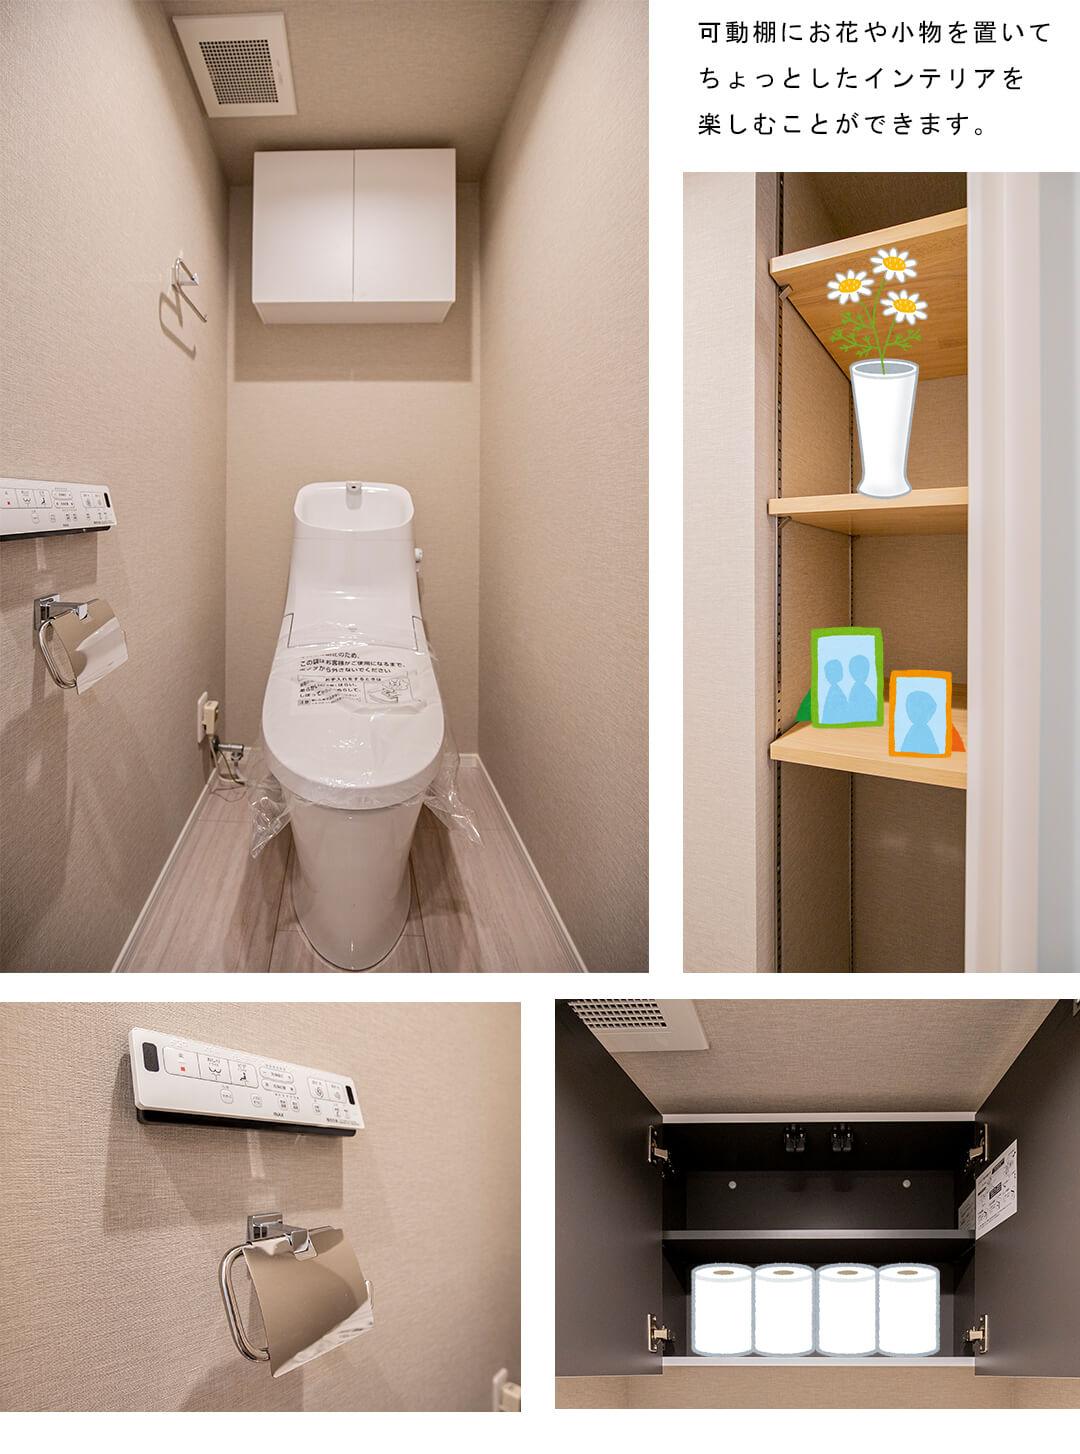 下落合ハウスのトイレ